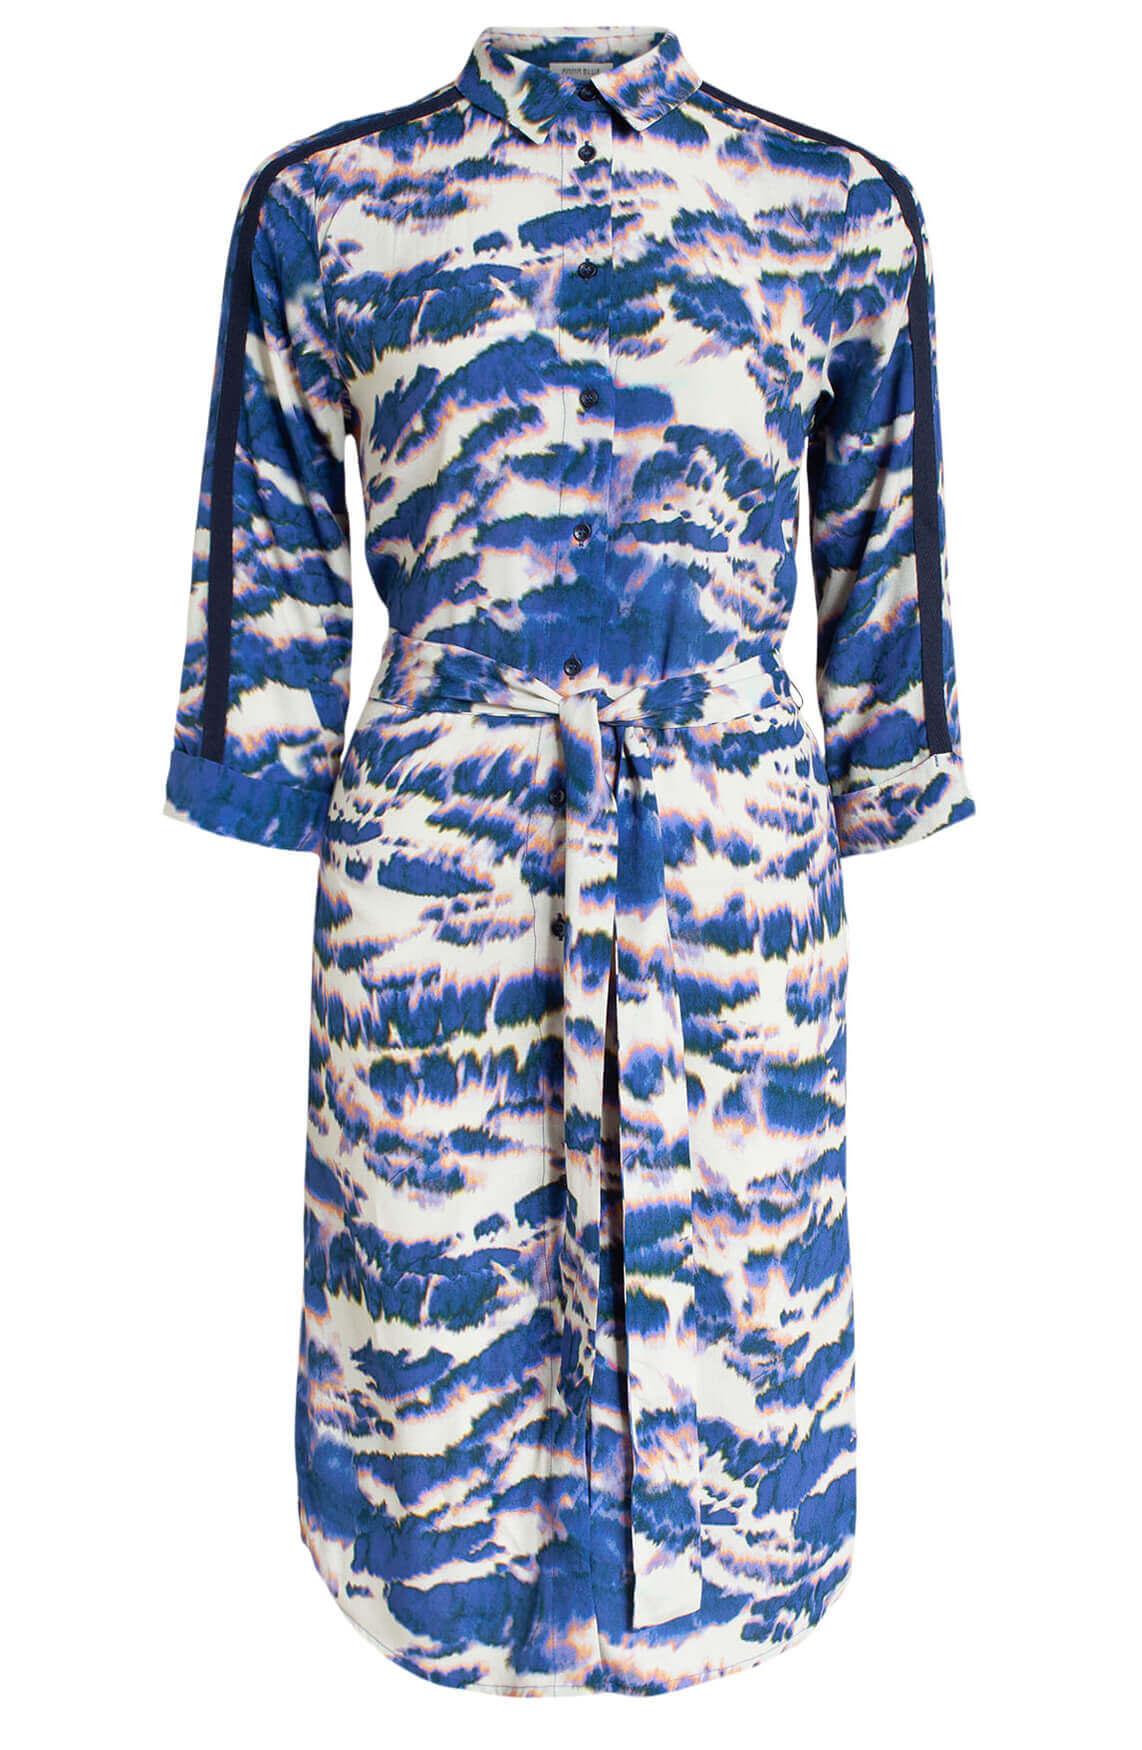 Anna Blue Dames Tie dye jurk Blauw